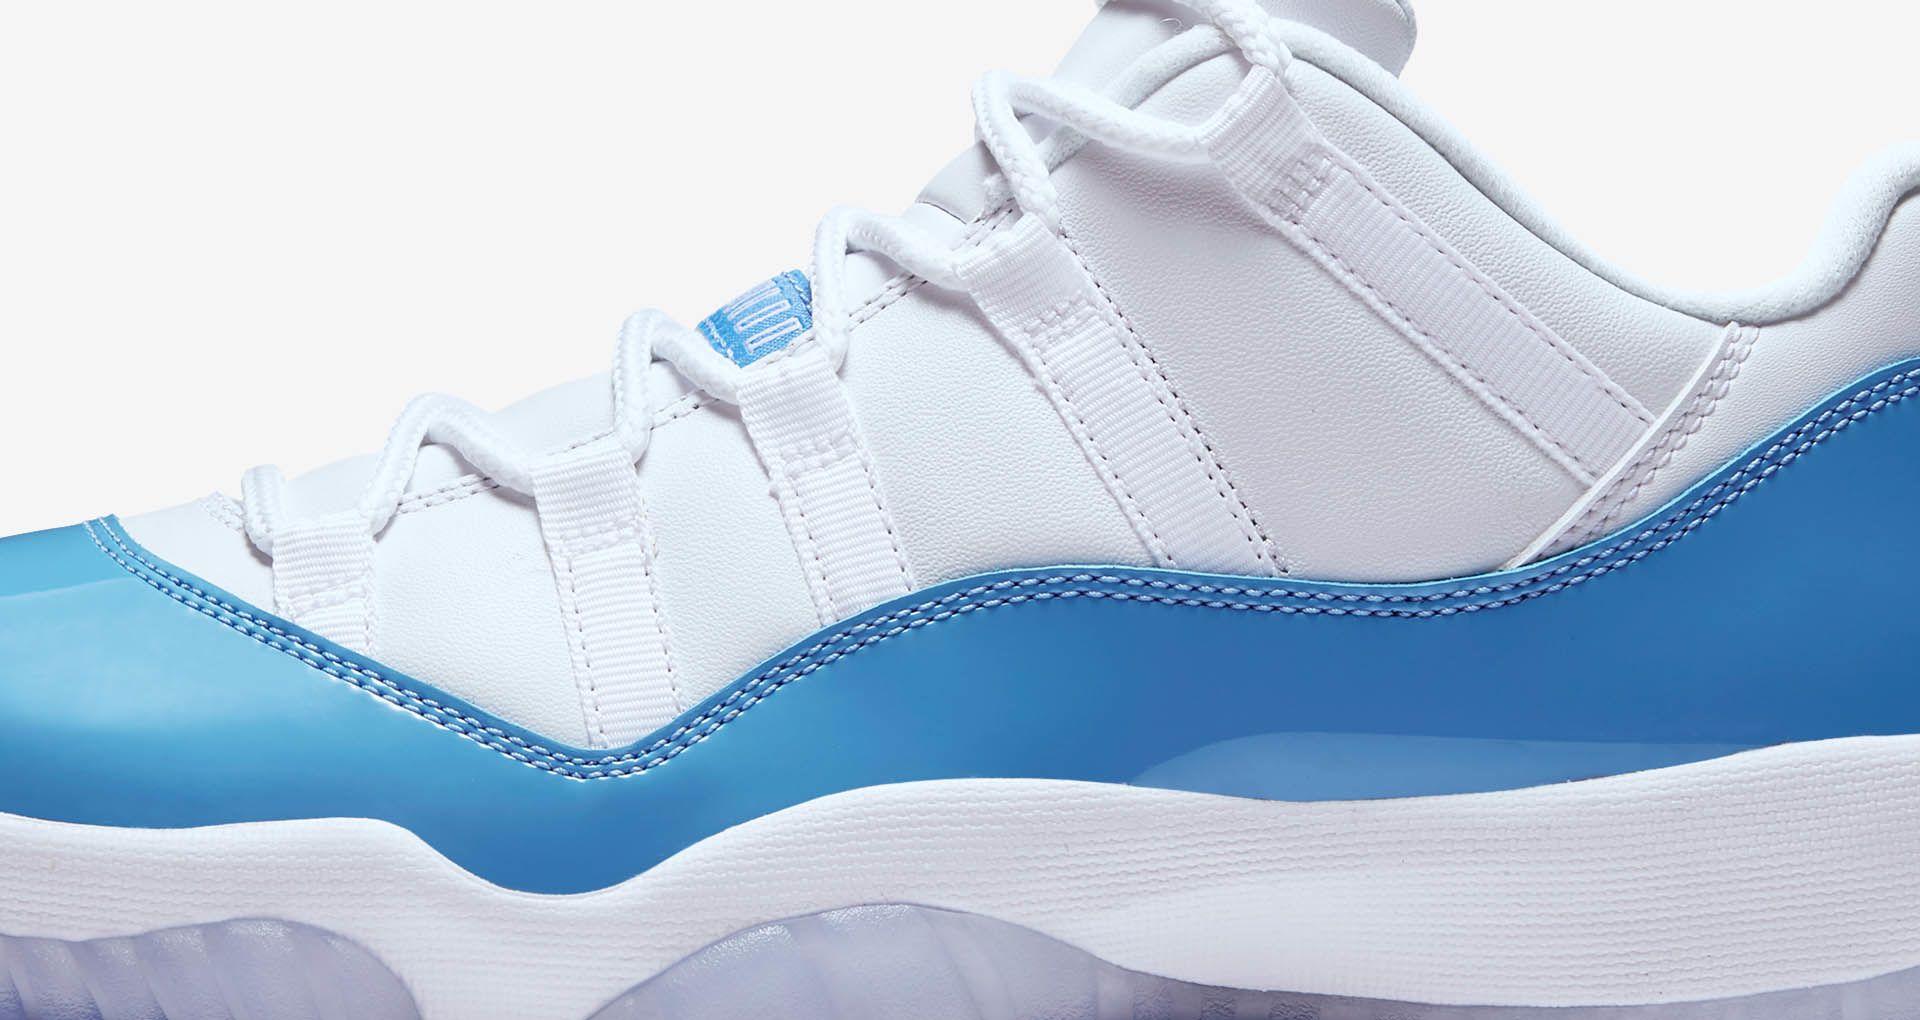 the best attitude 19413 53fe8 Air Jordan 11 Retro Low 'White & University Blue'. Nike+ SNKRS